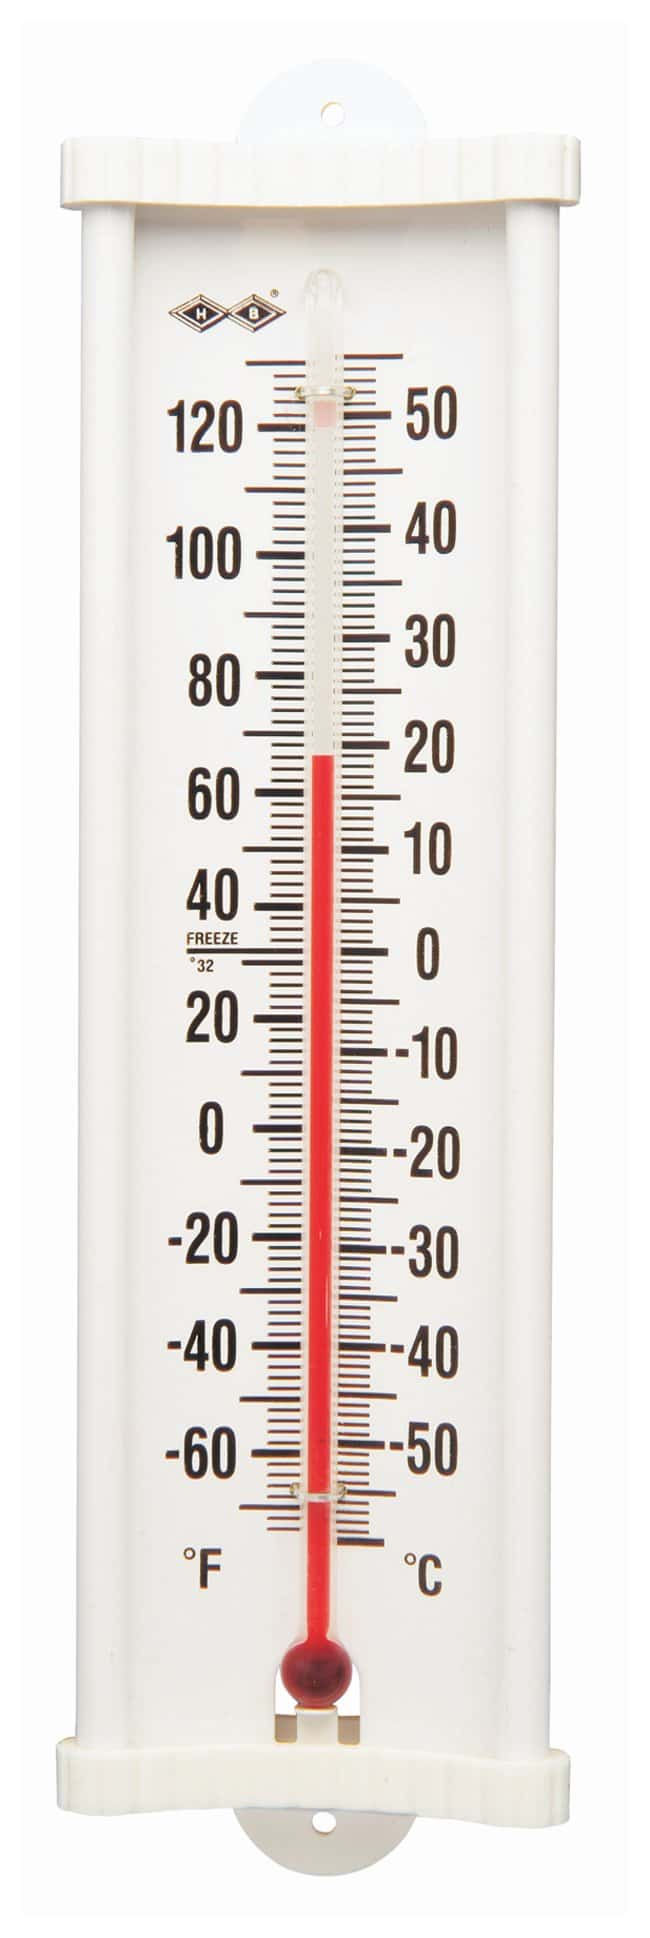 картинки модели термометра выполнять упражнения